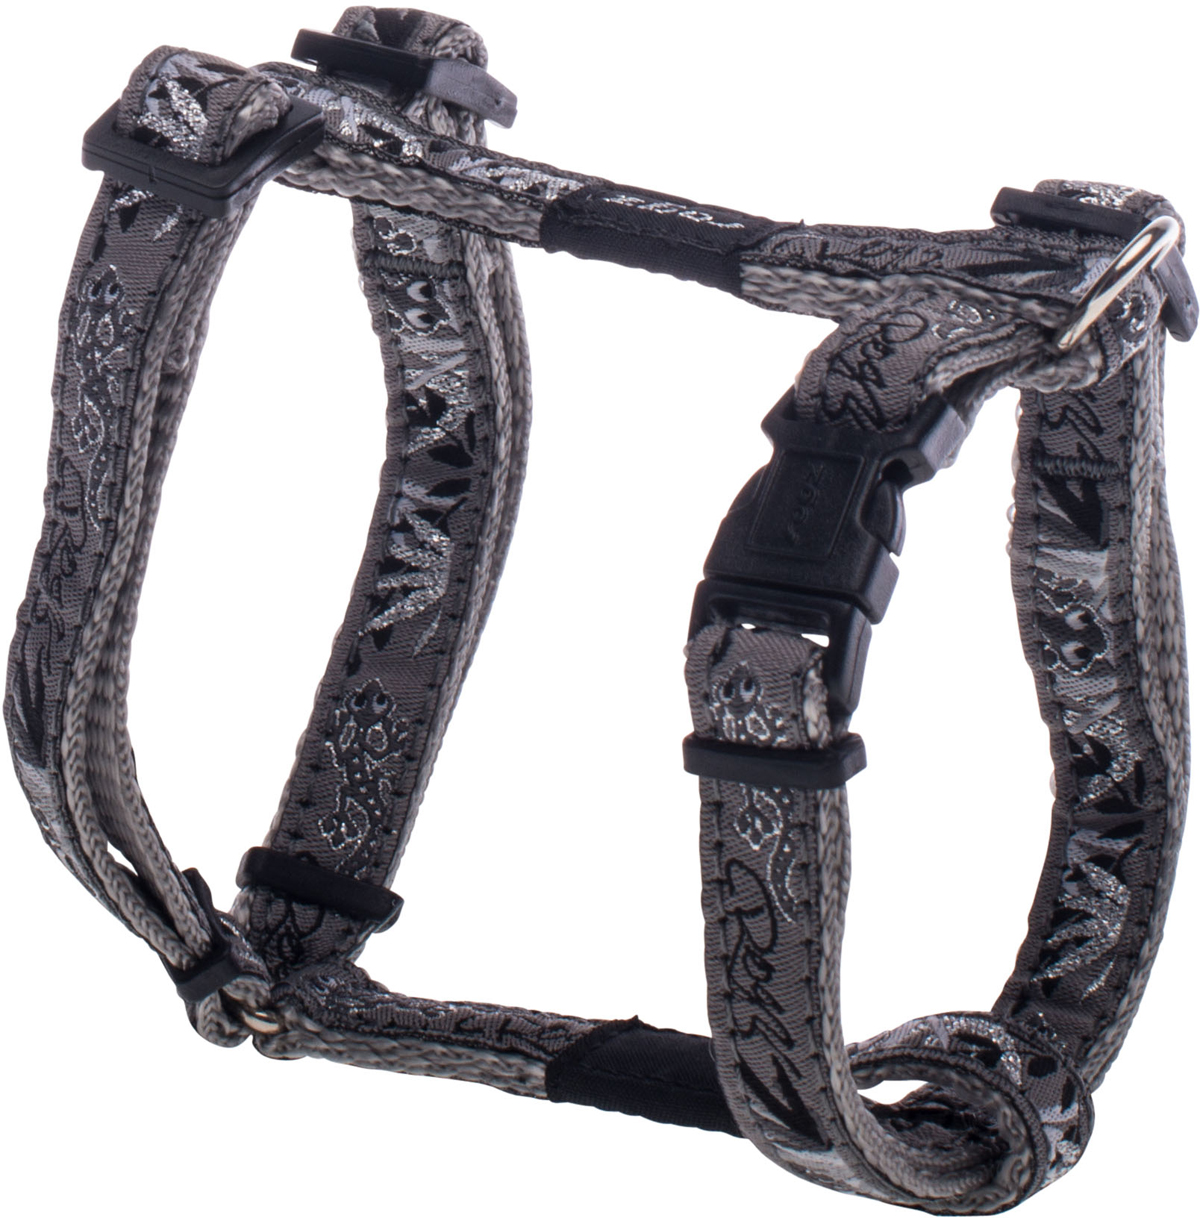 Шлейка для собак Rogz Fancy Dress, цвет: серый, ширина 1,1 смSJ01BSШлейка для собак Rogz Fancy Dress имеет необычный дизайн. Широкая гамма потрясающе красивых орнаментов на прочной тесьме поверх нейлоновой ленты украсит вашего питомца.Застегивается, не доставляя неудобство собаке.Специальная конструкция пряжки Rog Loc - очень крепкая(система Fort Knox). Замок может быть расстегнут только рукой человека.С помощью системы ремней изделие подгоняется под животного индивидуально.Необыкновенно крепкая и прочная шлейка.Выполненные по заказу литые кольца выдерживают значительные физические нагрузки и имеют хромирование, нанесенное гальваническим способом, что позволяет избежать коррозии и потускнения изделия.Легко можно прикрепить к ошейнику и поводку.